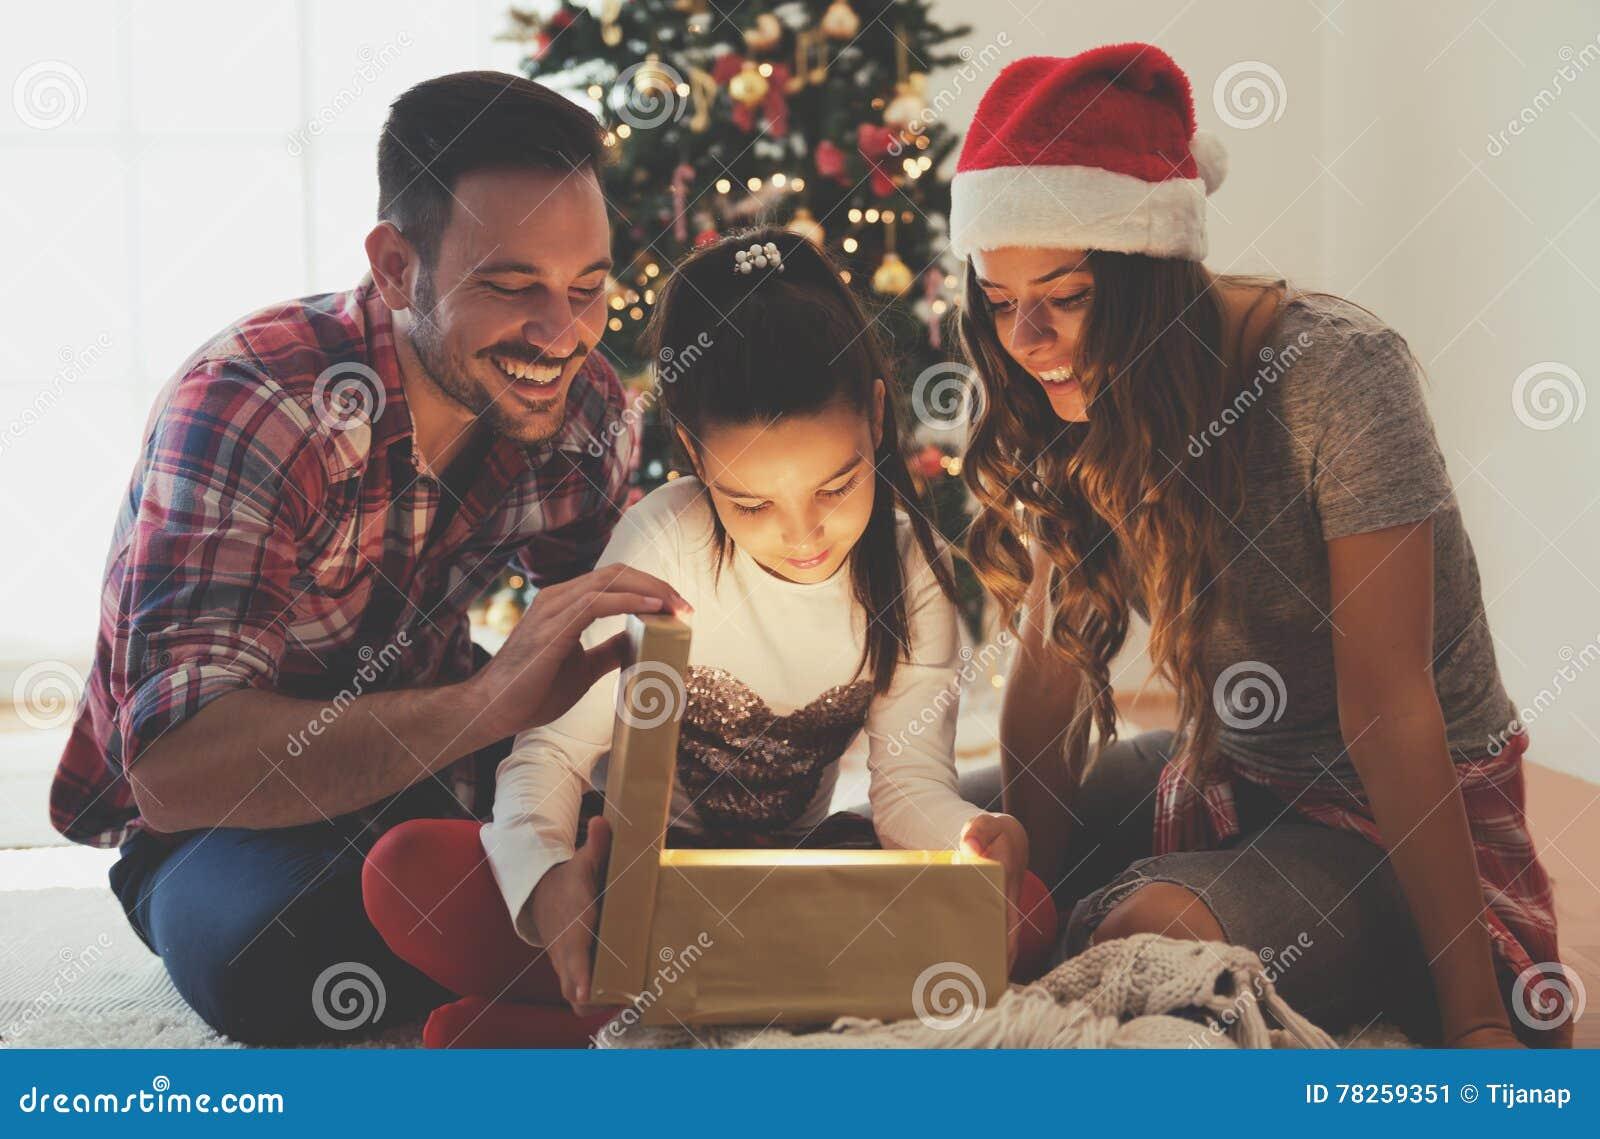 Χαριτωμένο κορίτσι που ανοίγει ένα παρόν σε ένα πρωί Χριστουγέννων με την οικογένειά της